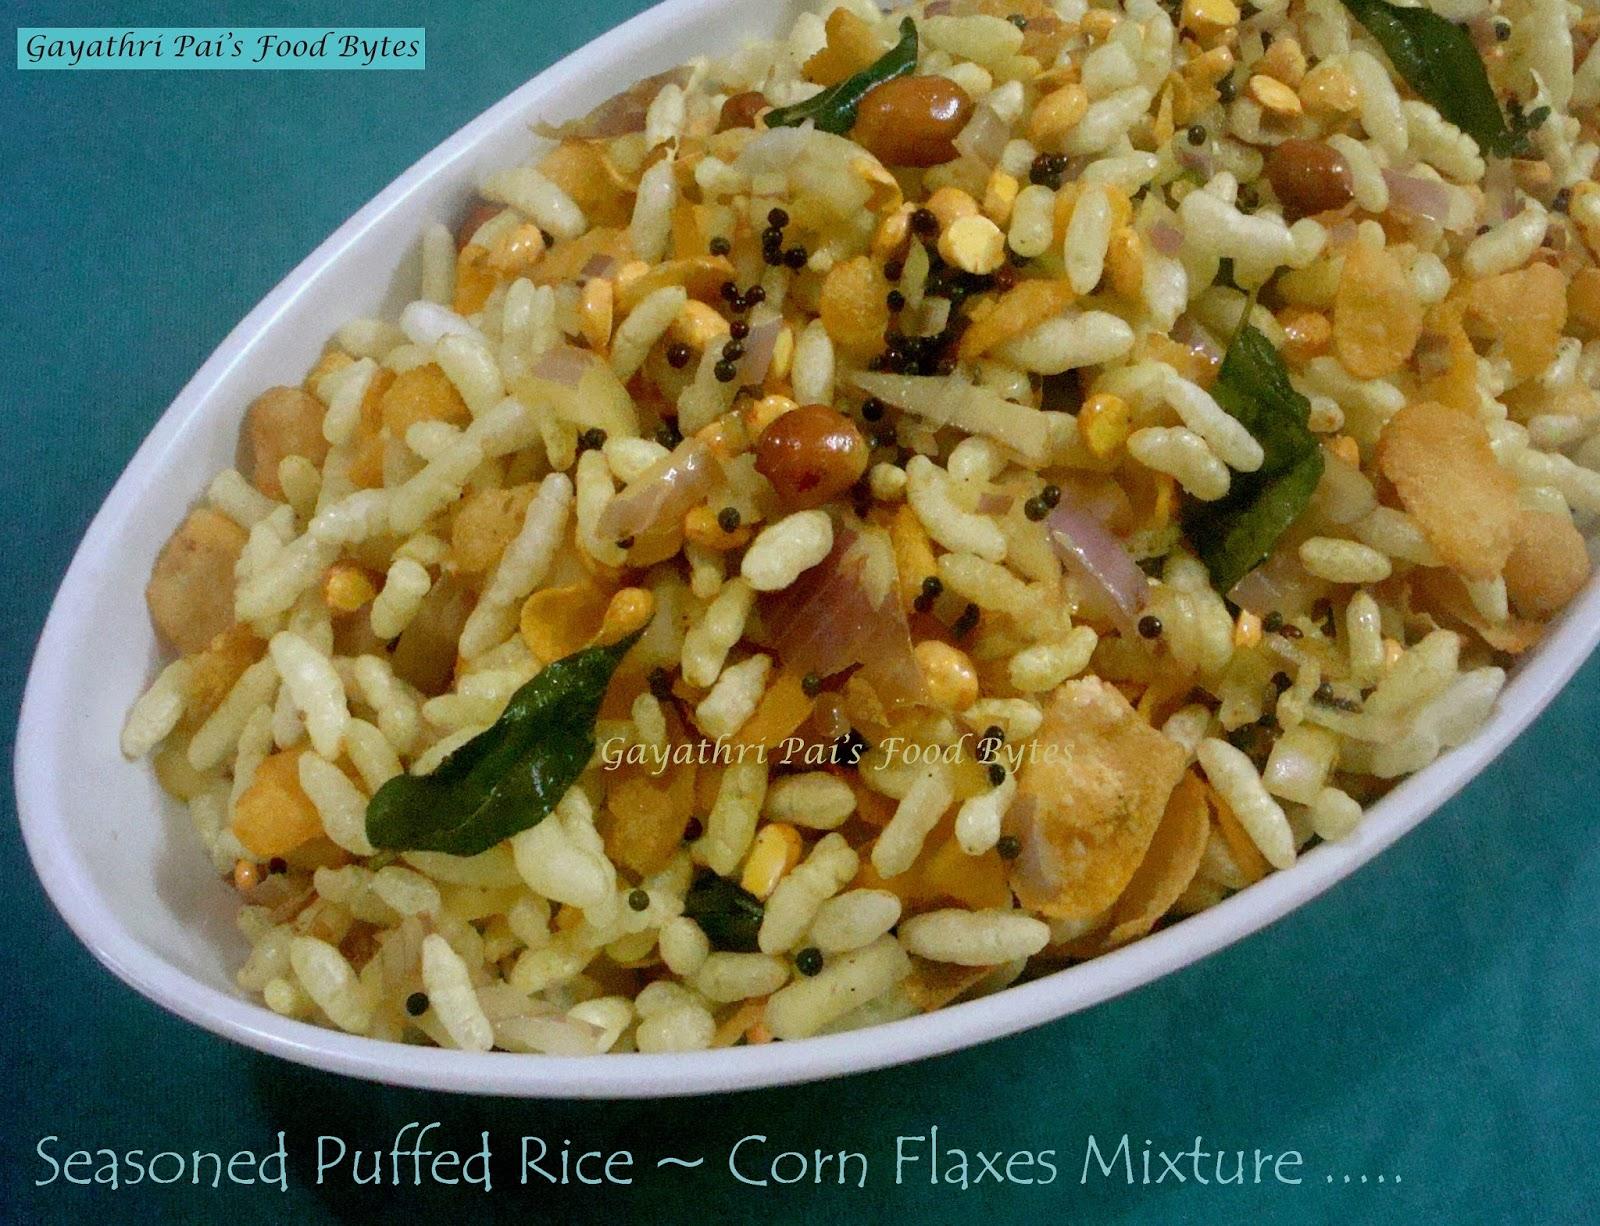 how to make corn flakes mixture